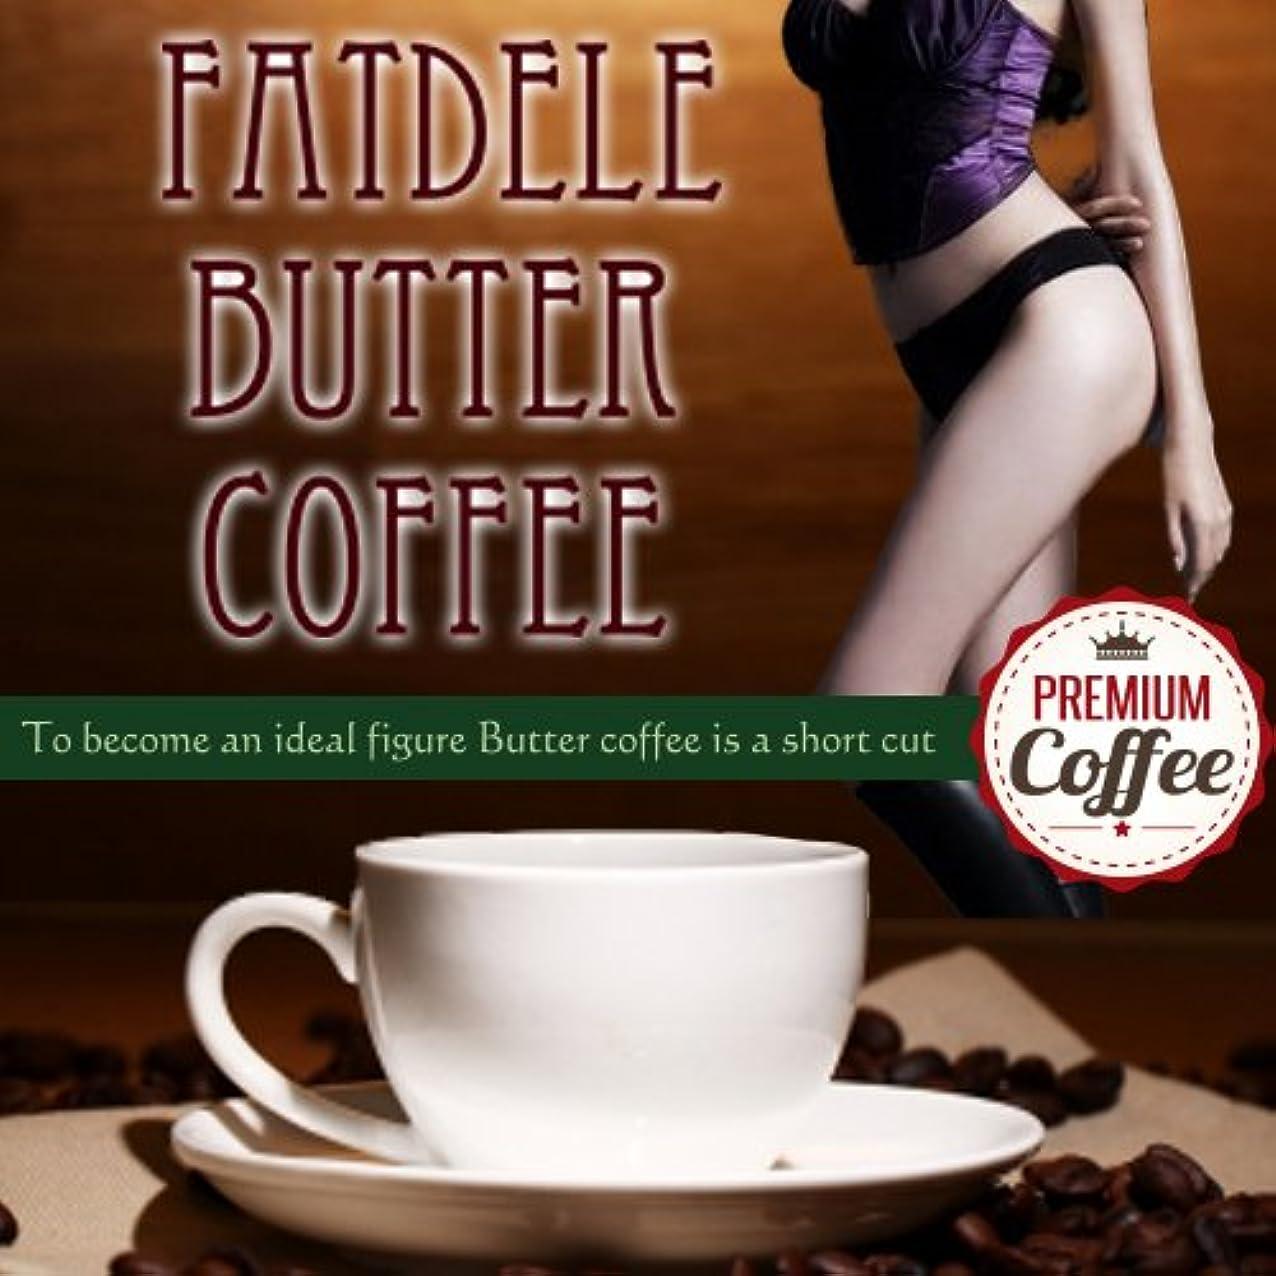 思いつくインタフェース折り目ファットデルバターコーヒー バターコーヒー ダイエットコーヒー